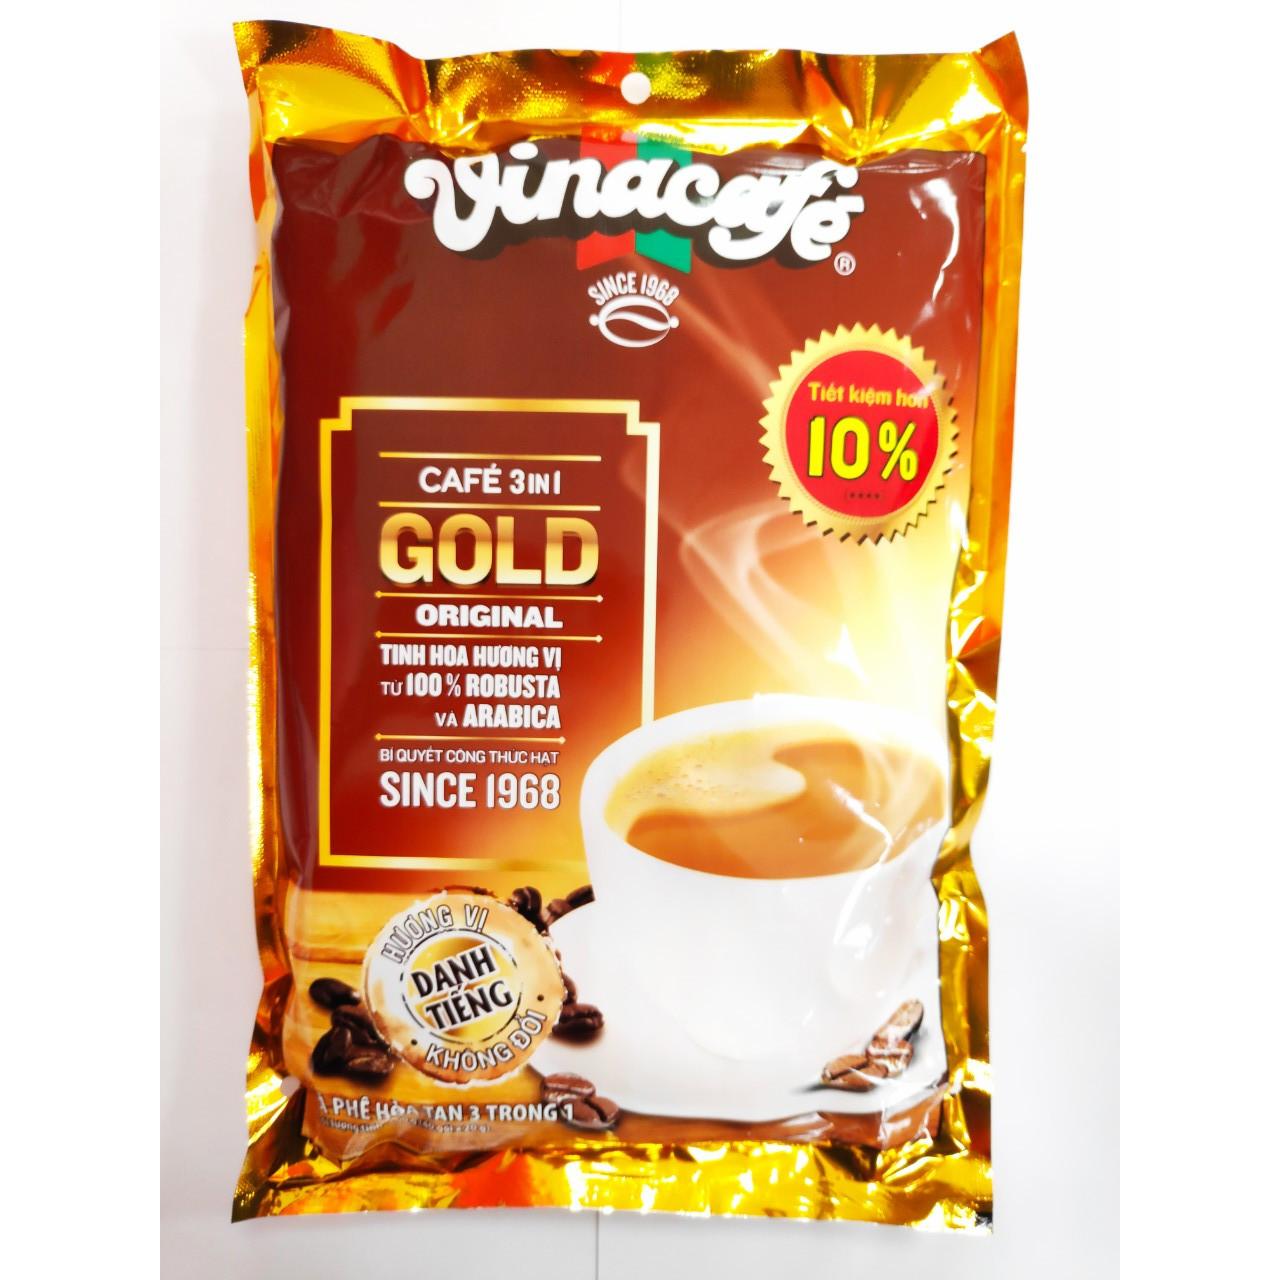 Bịch 40 Gói Cafe Hòa Tan 3 In 1 Gold Orinal Vinacafé 20g / Gói (Bao Bì Mới)